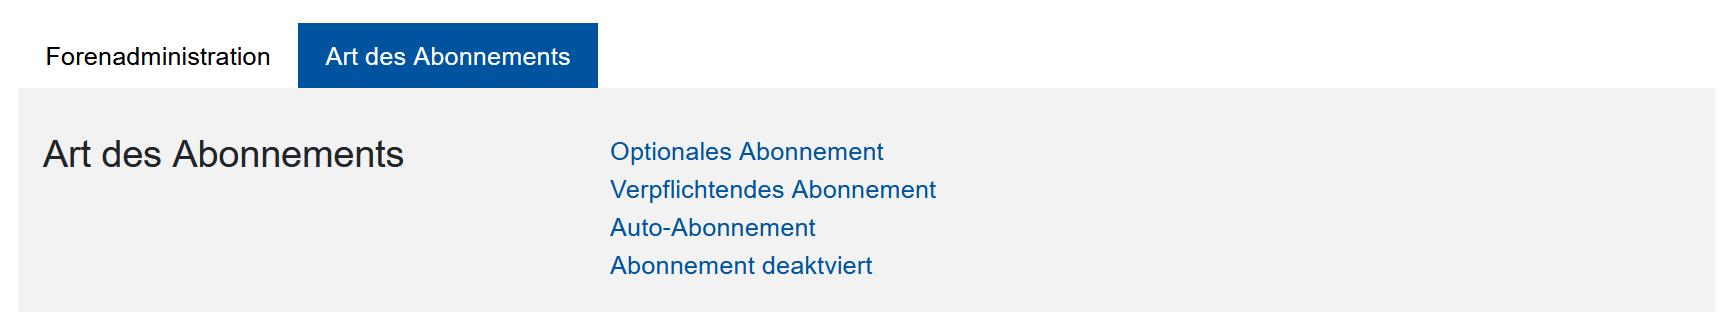 Screenshot Auswahl der Abo-Typen